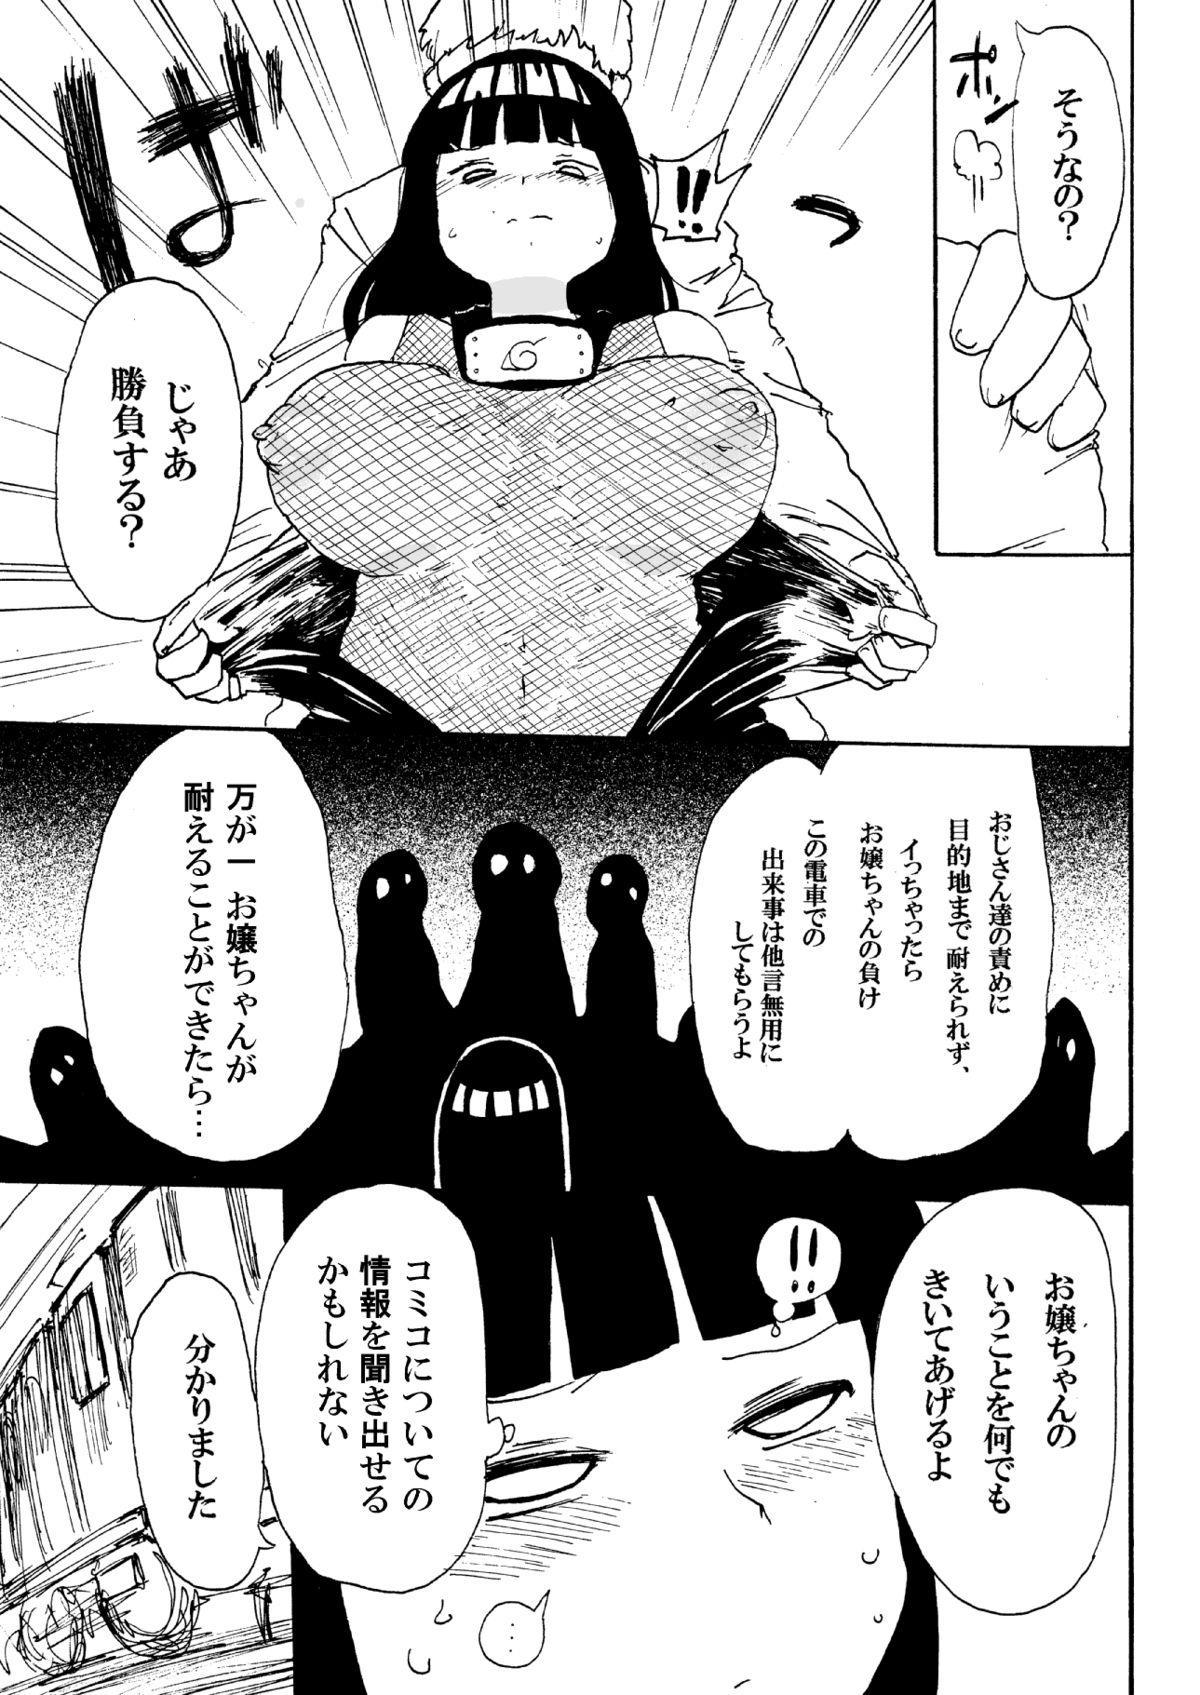 Hinata to Densha 5